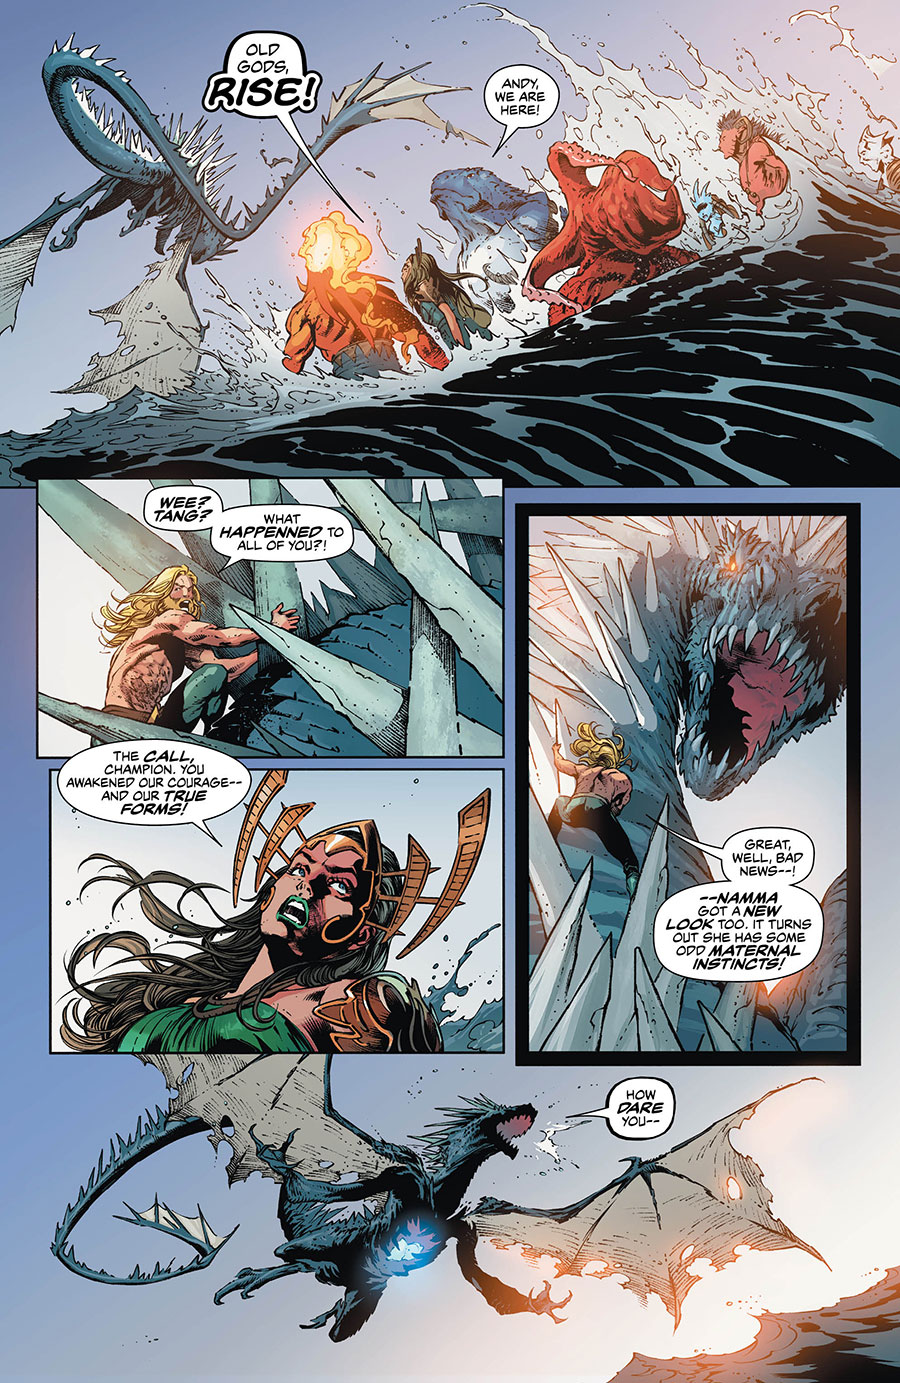 Aquaman_47_3 - DC Comics News